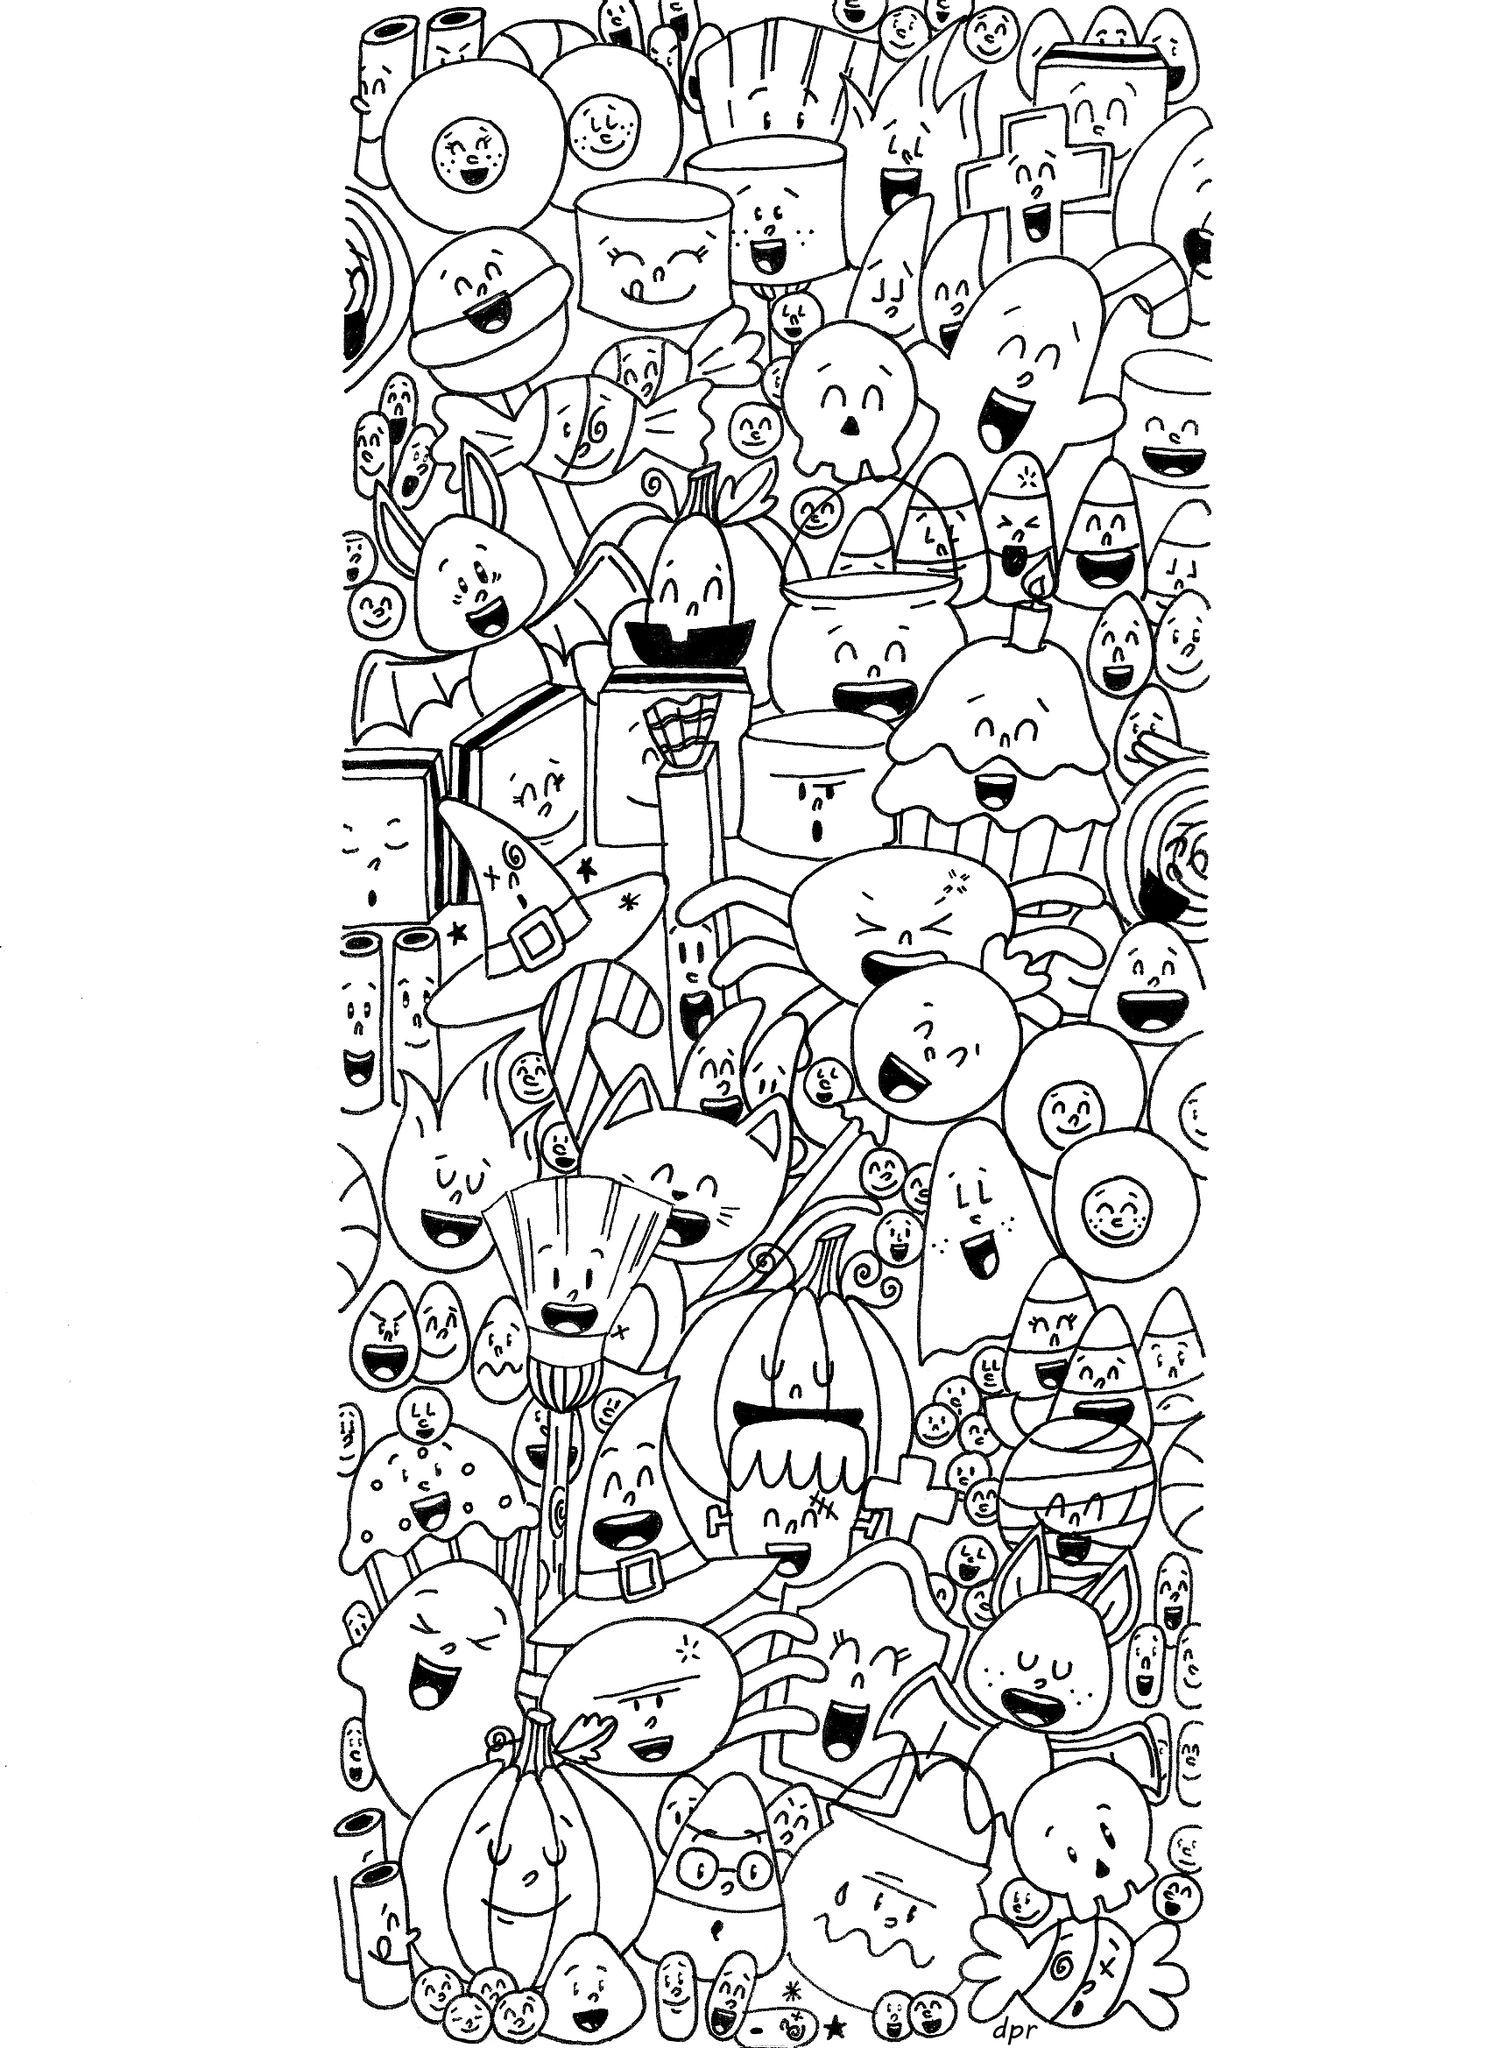 coloriage halloween | colorete | Pinterest | Colorear, Mandalas y Dibujo